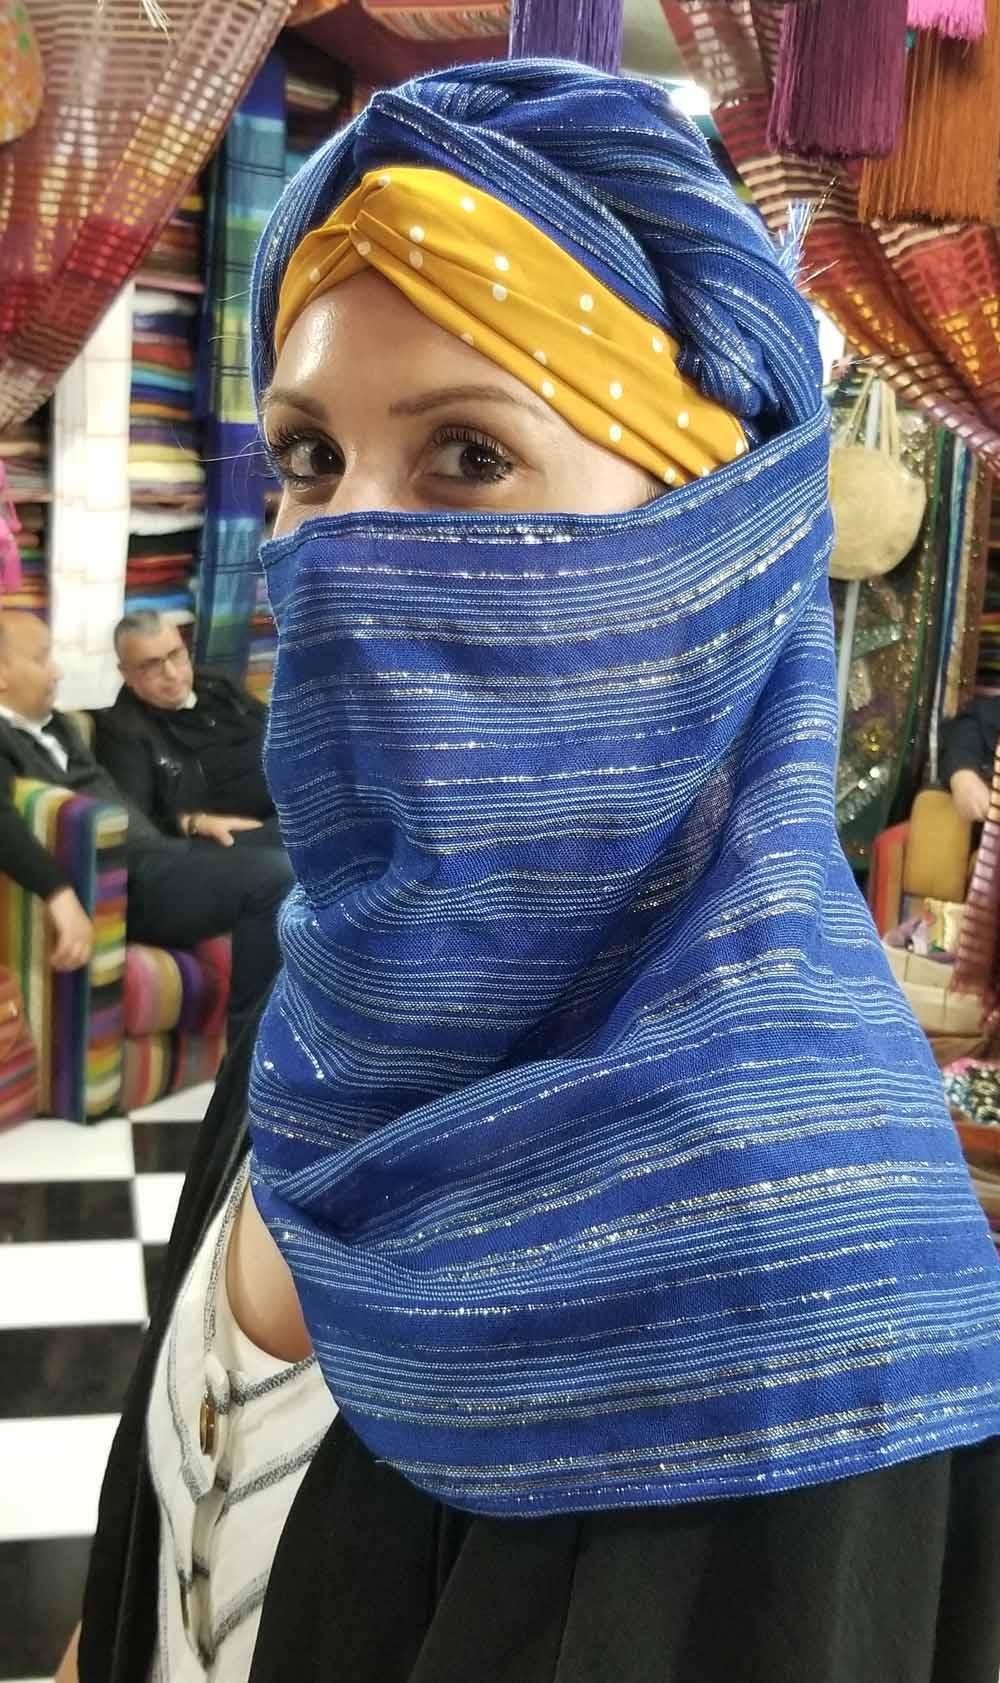 Katie at the Textile shop